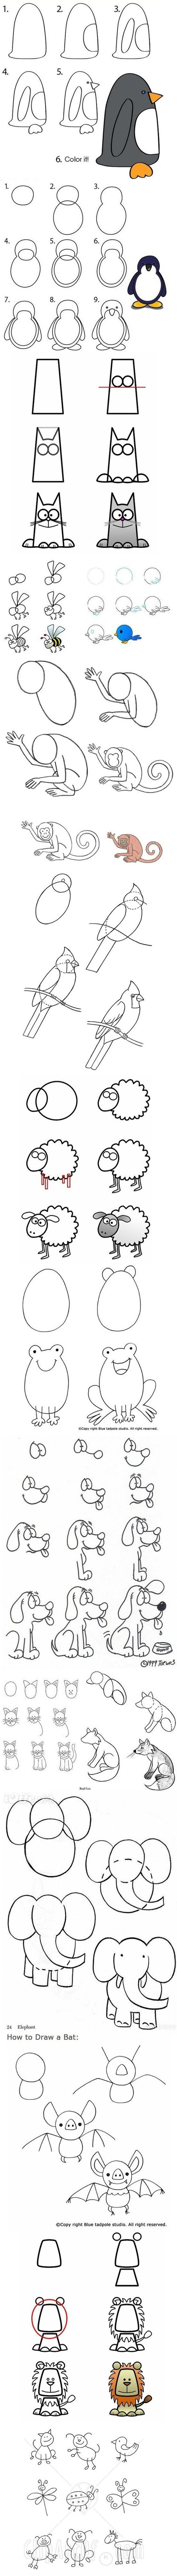 hoe te tekenen van diverse dieren